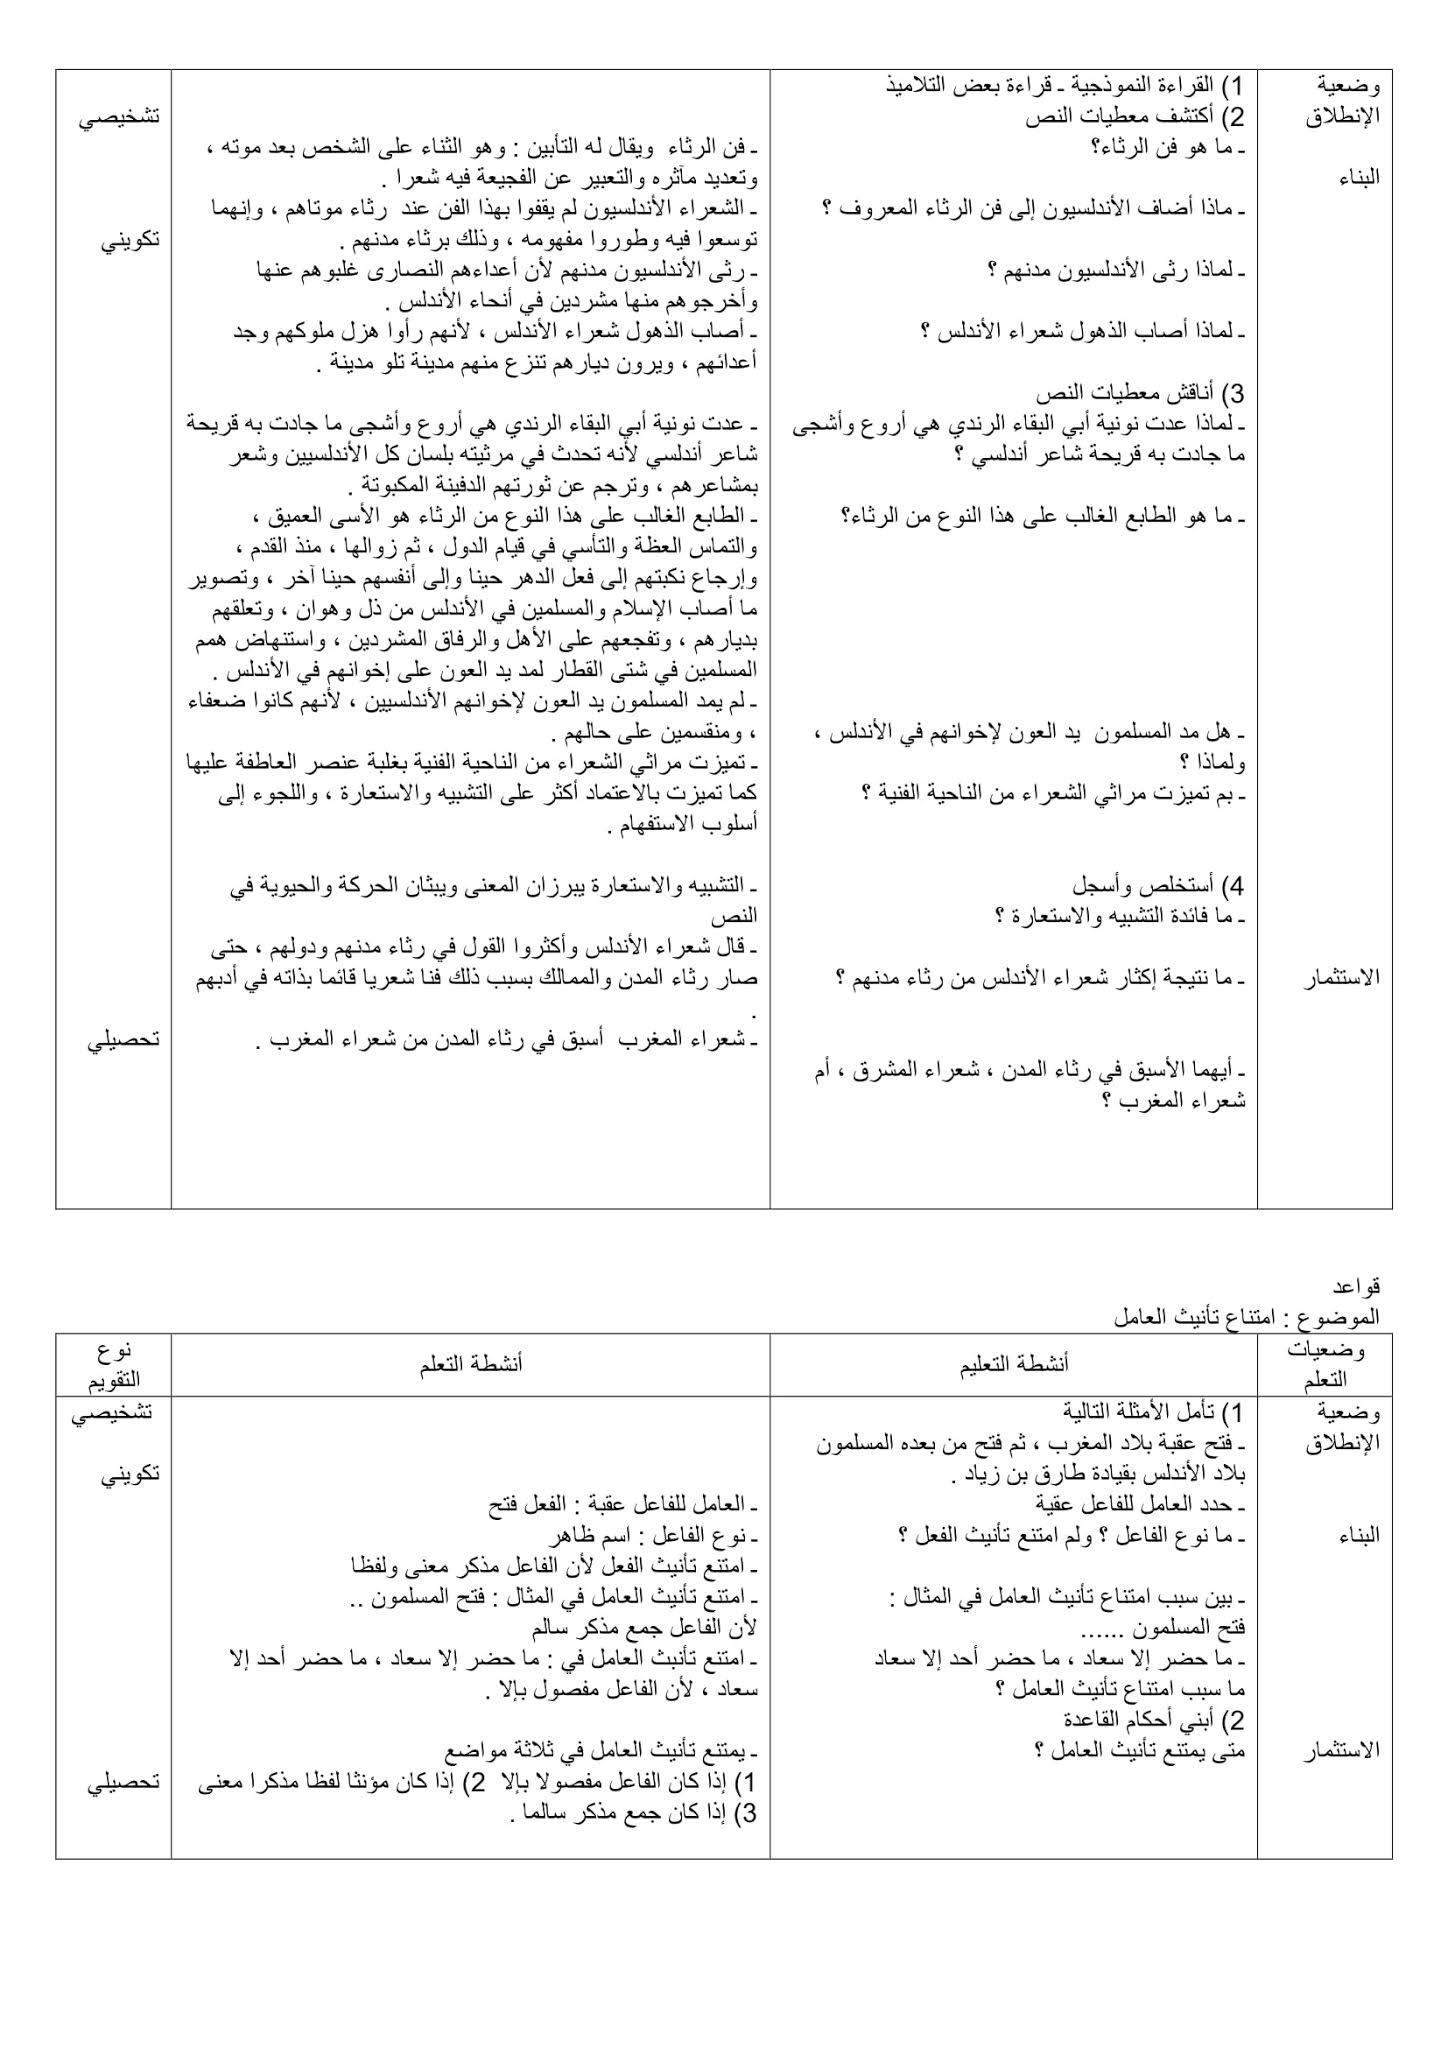 تحضير نص رثاء الممالك والمدن وخصائصه الفنية 2 ثانوي علمي صفحة 144 من الكتاب المدرسي